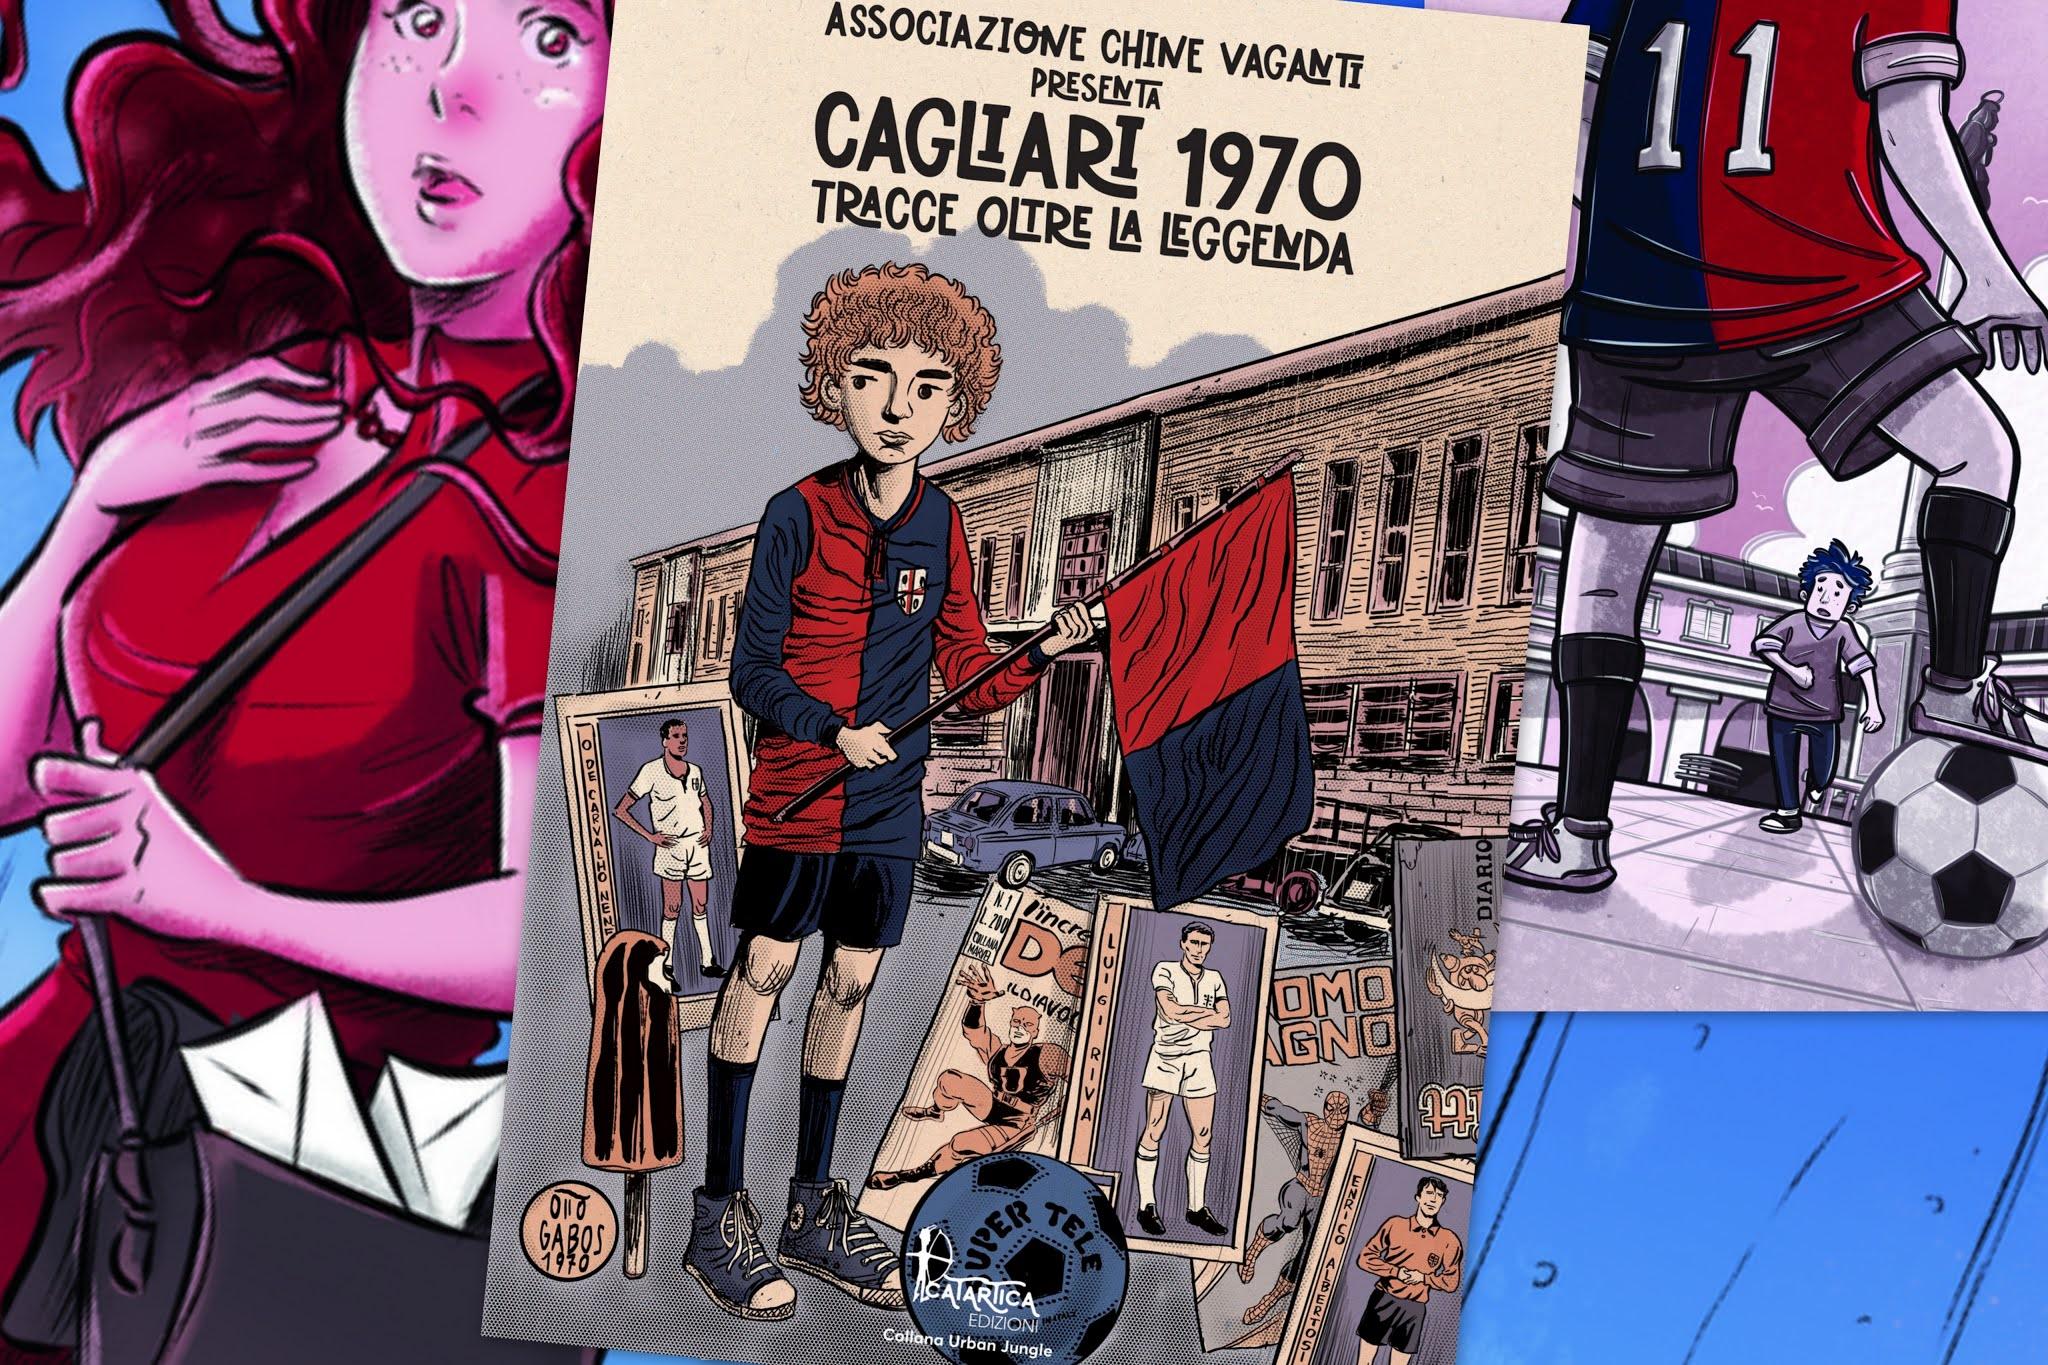 Cagliari 1970. Tracce oltre la leggenda. L'intervista all'Associazione Chine Vaganti